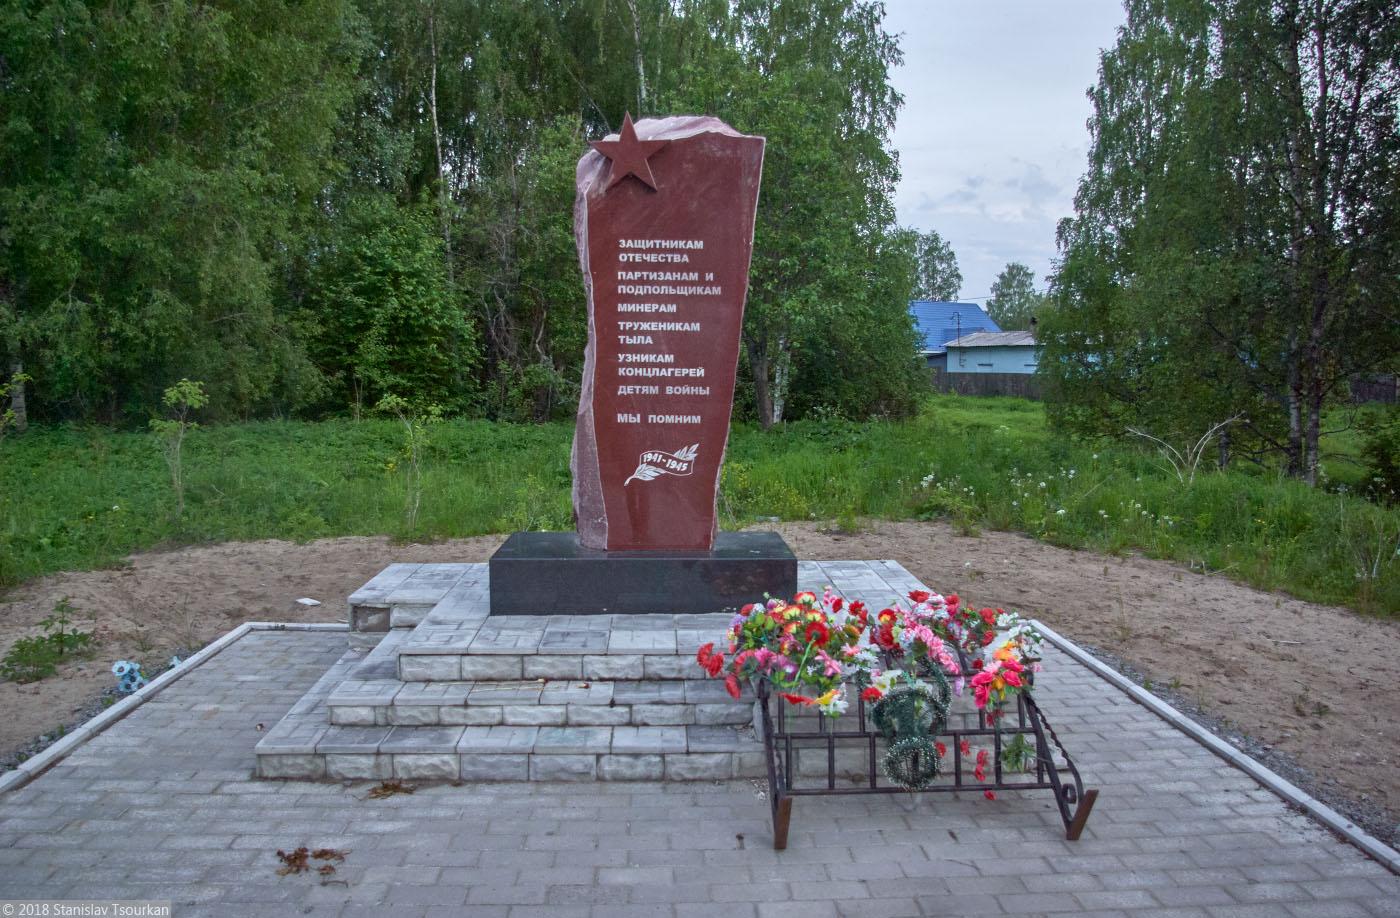 Пудож, Карелия, республика Карелия, памятник участникам боевых действий